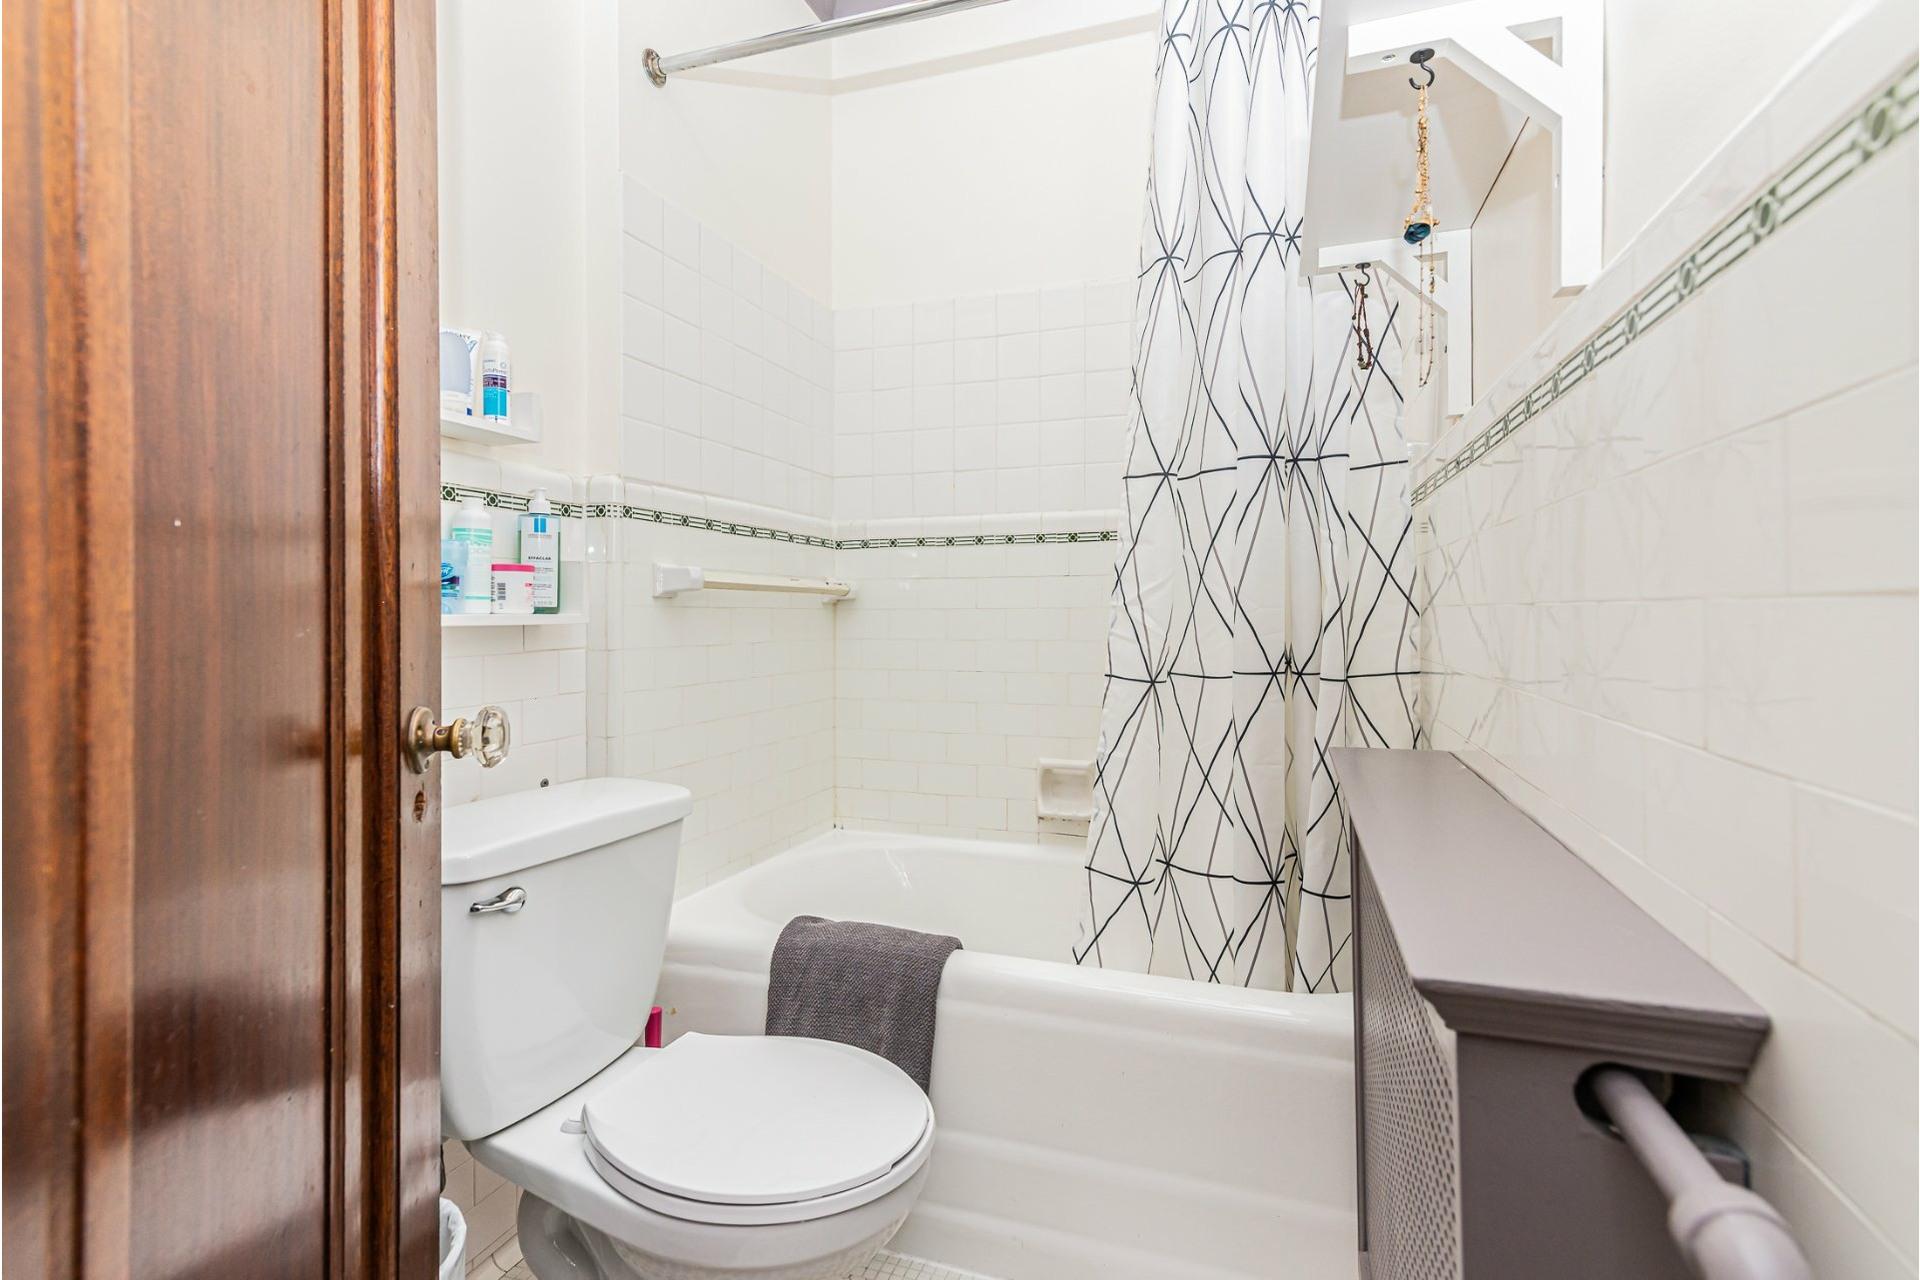 image 21 - House For rent Côte-des-Neiges/Notre-Dame-de-Grâce Montréal  - 9 rooms